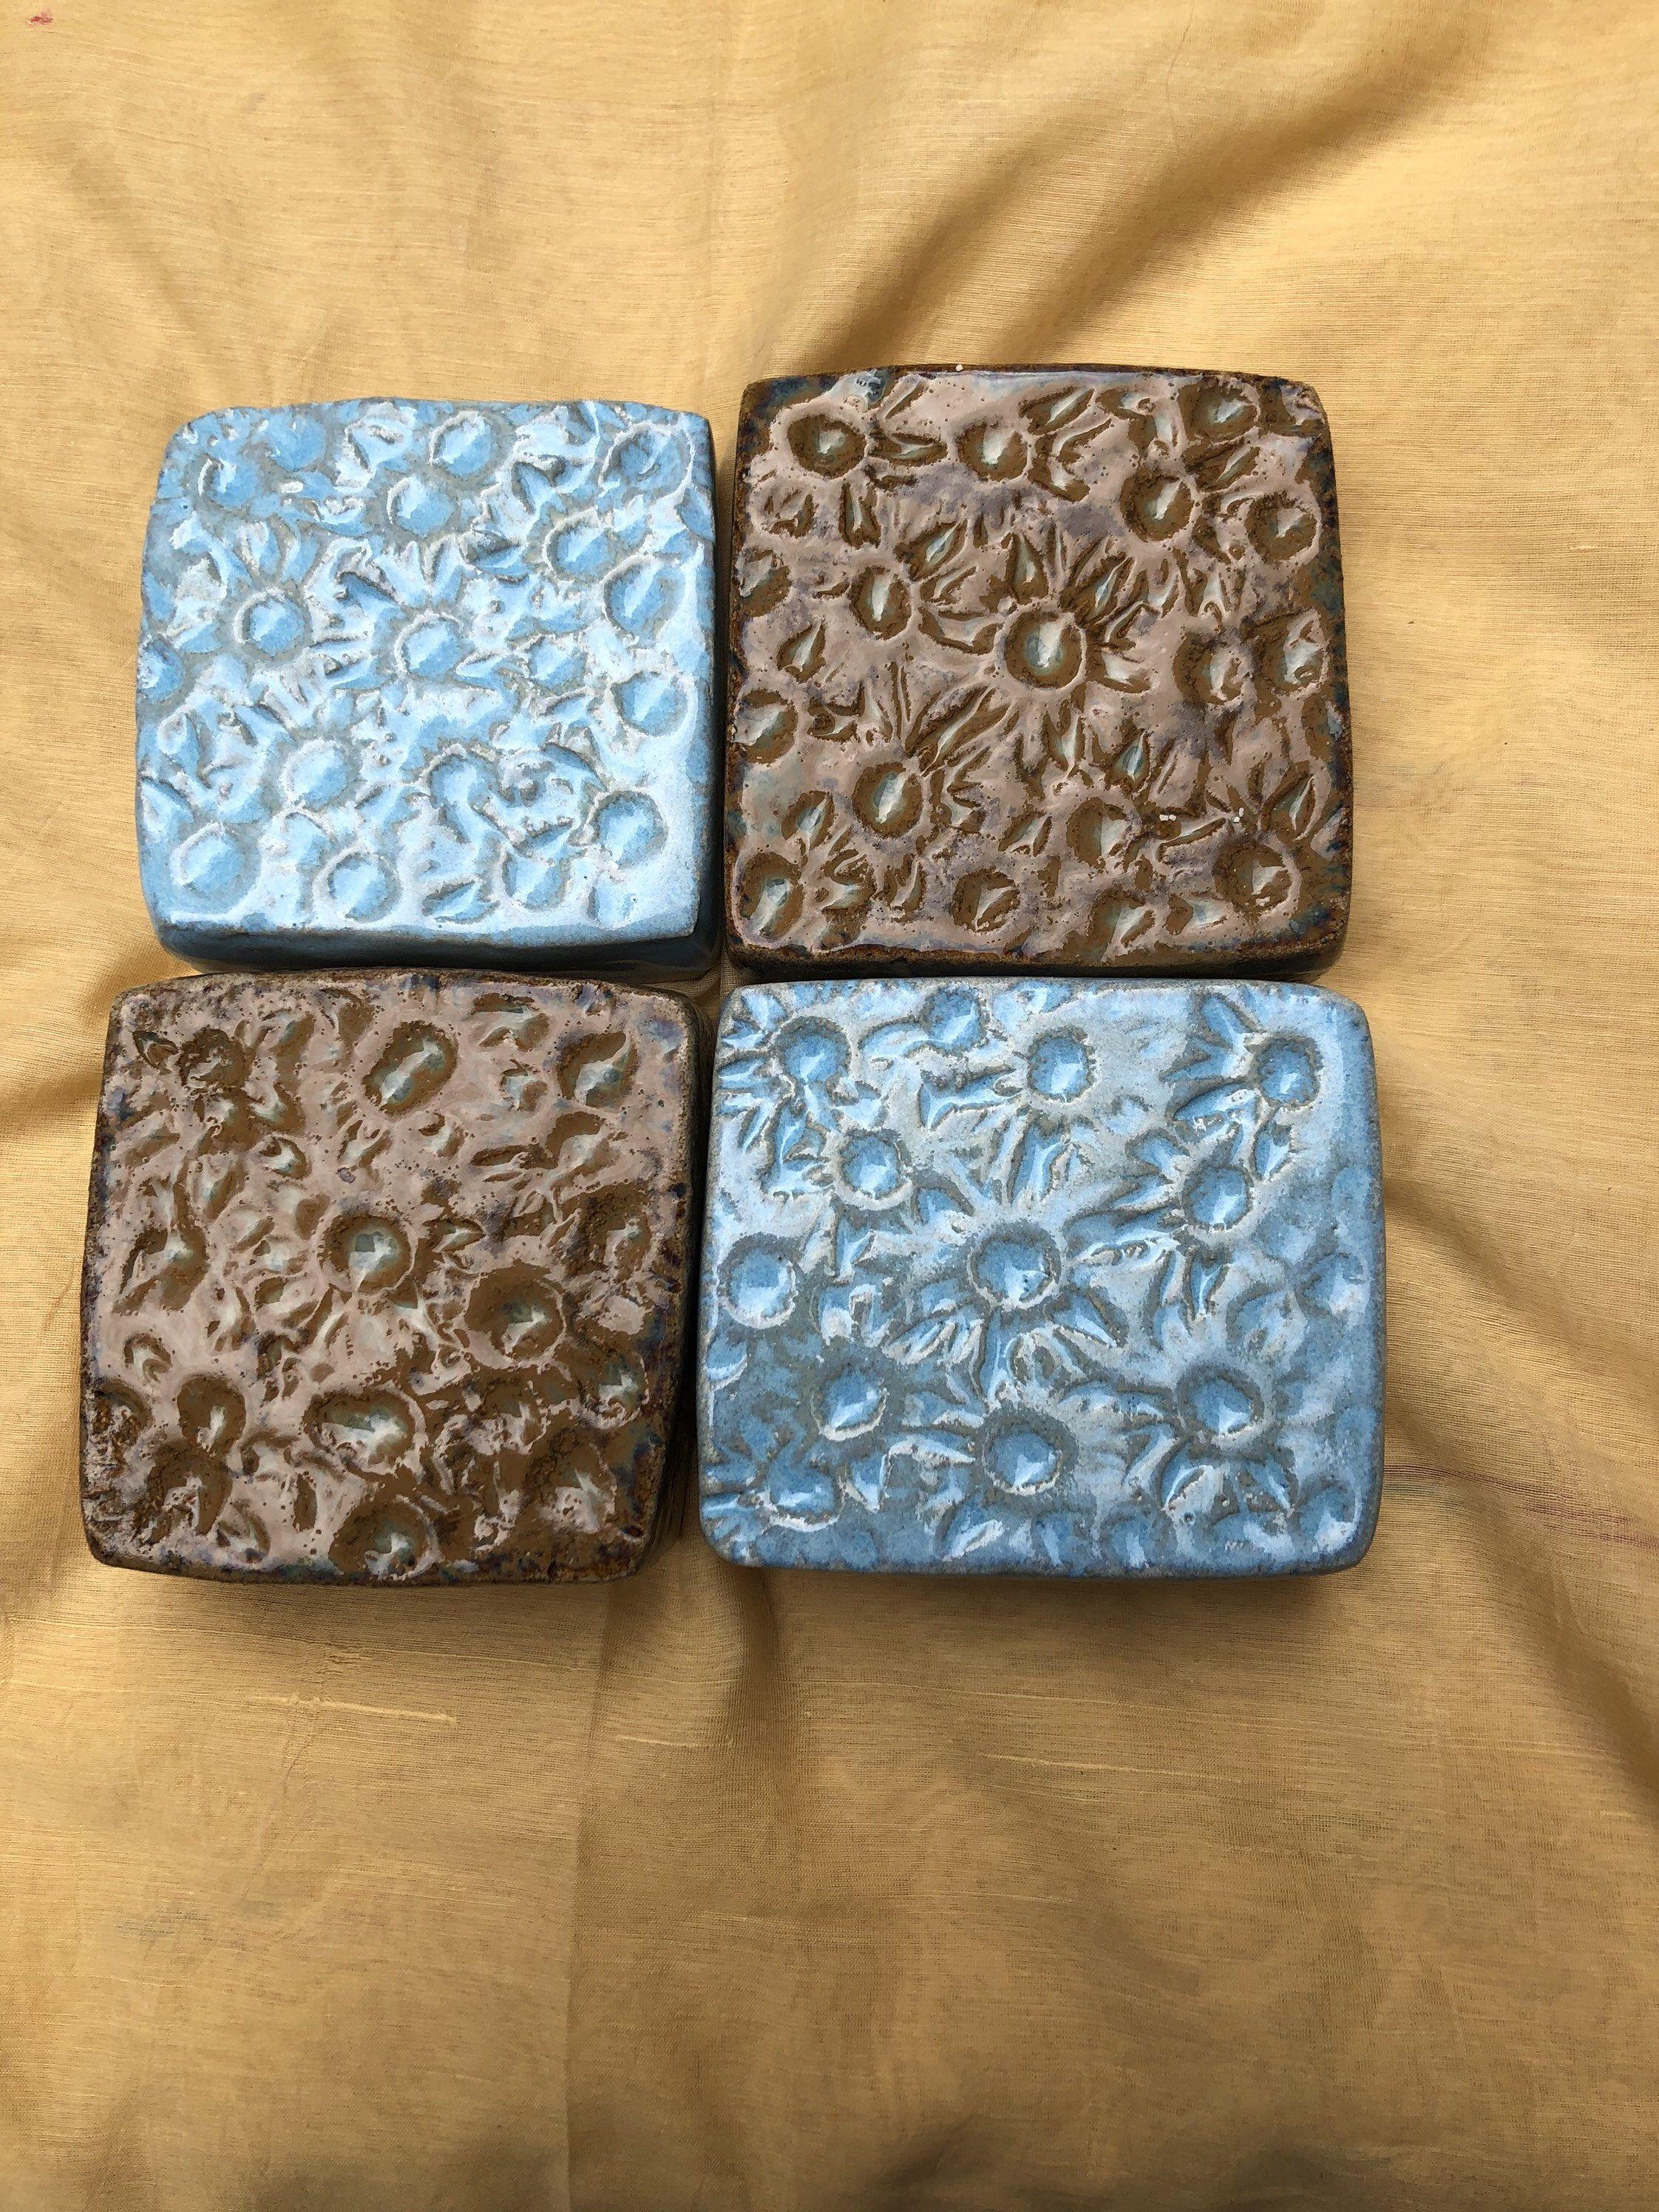 Freue mich, euch diesen Artikel aus meinem Shop bei #etsy vorzustellen: 4 Steine Keramiksteine Pflastersteine frostfest